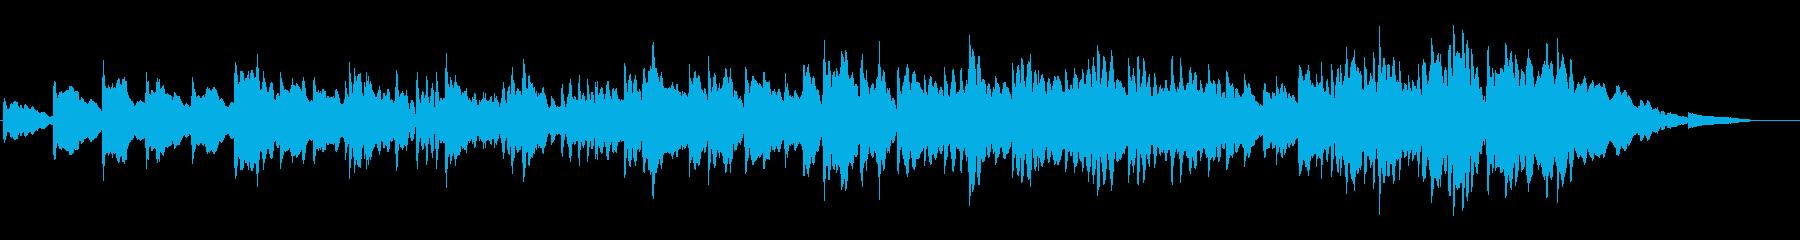 落ち着きのある オルゴール ポップの再生済みの波形